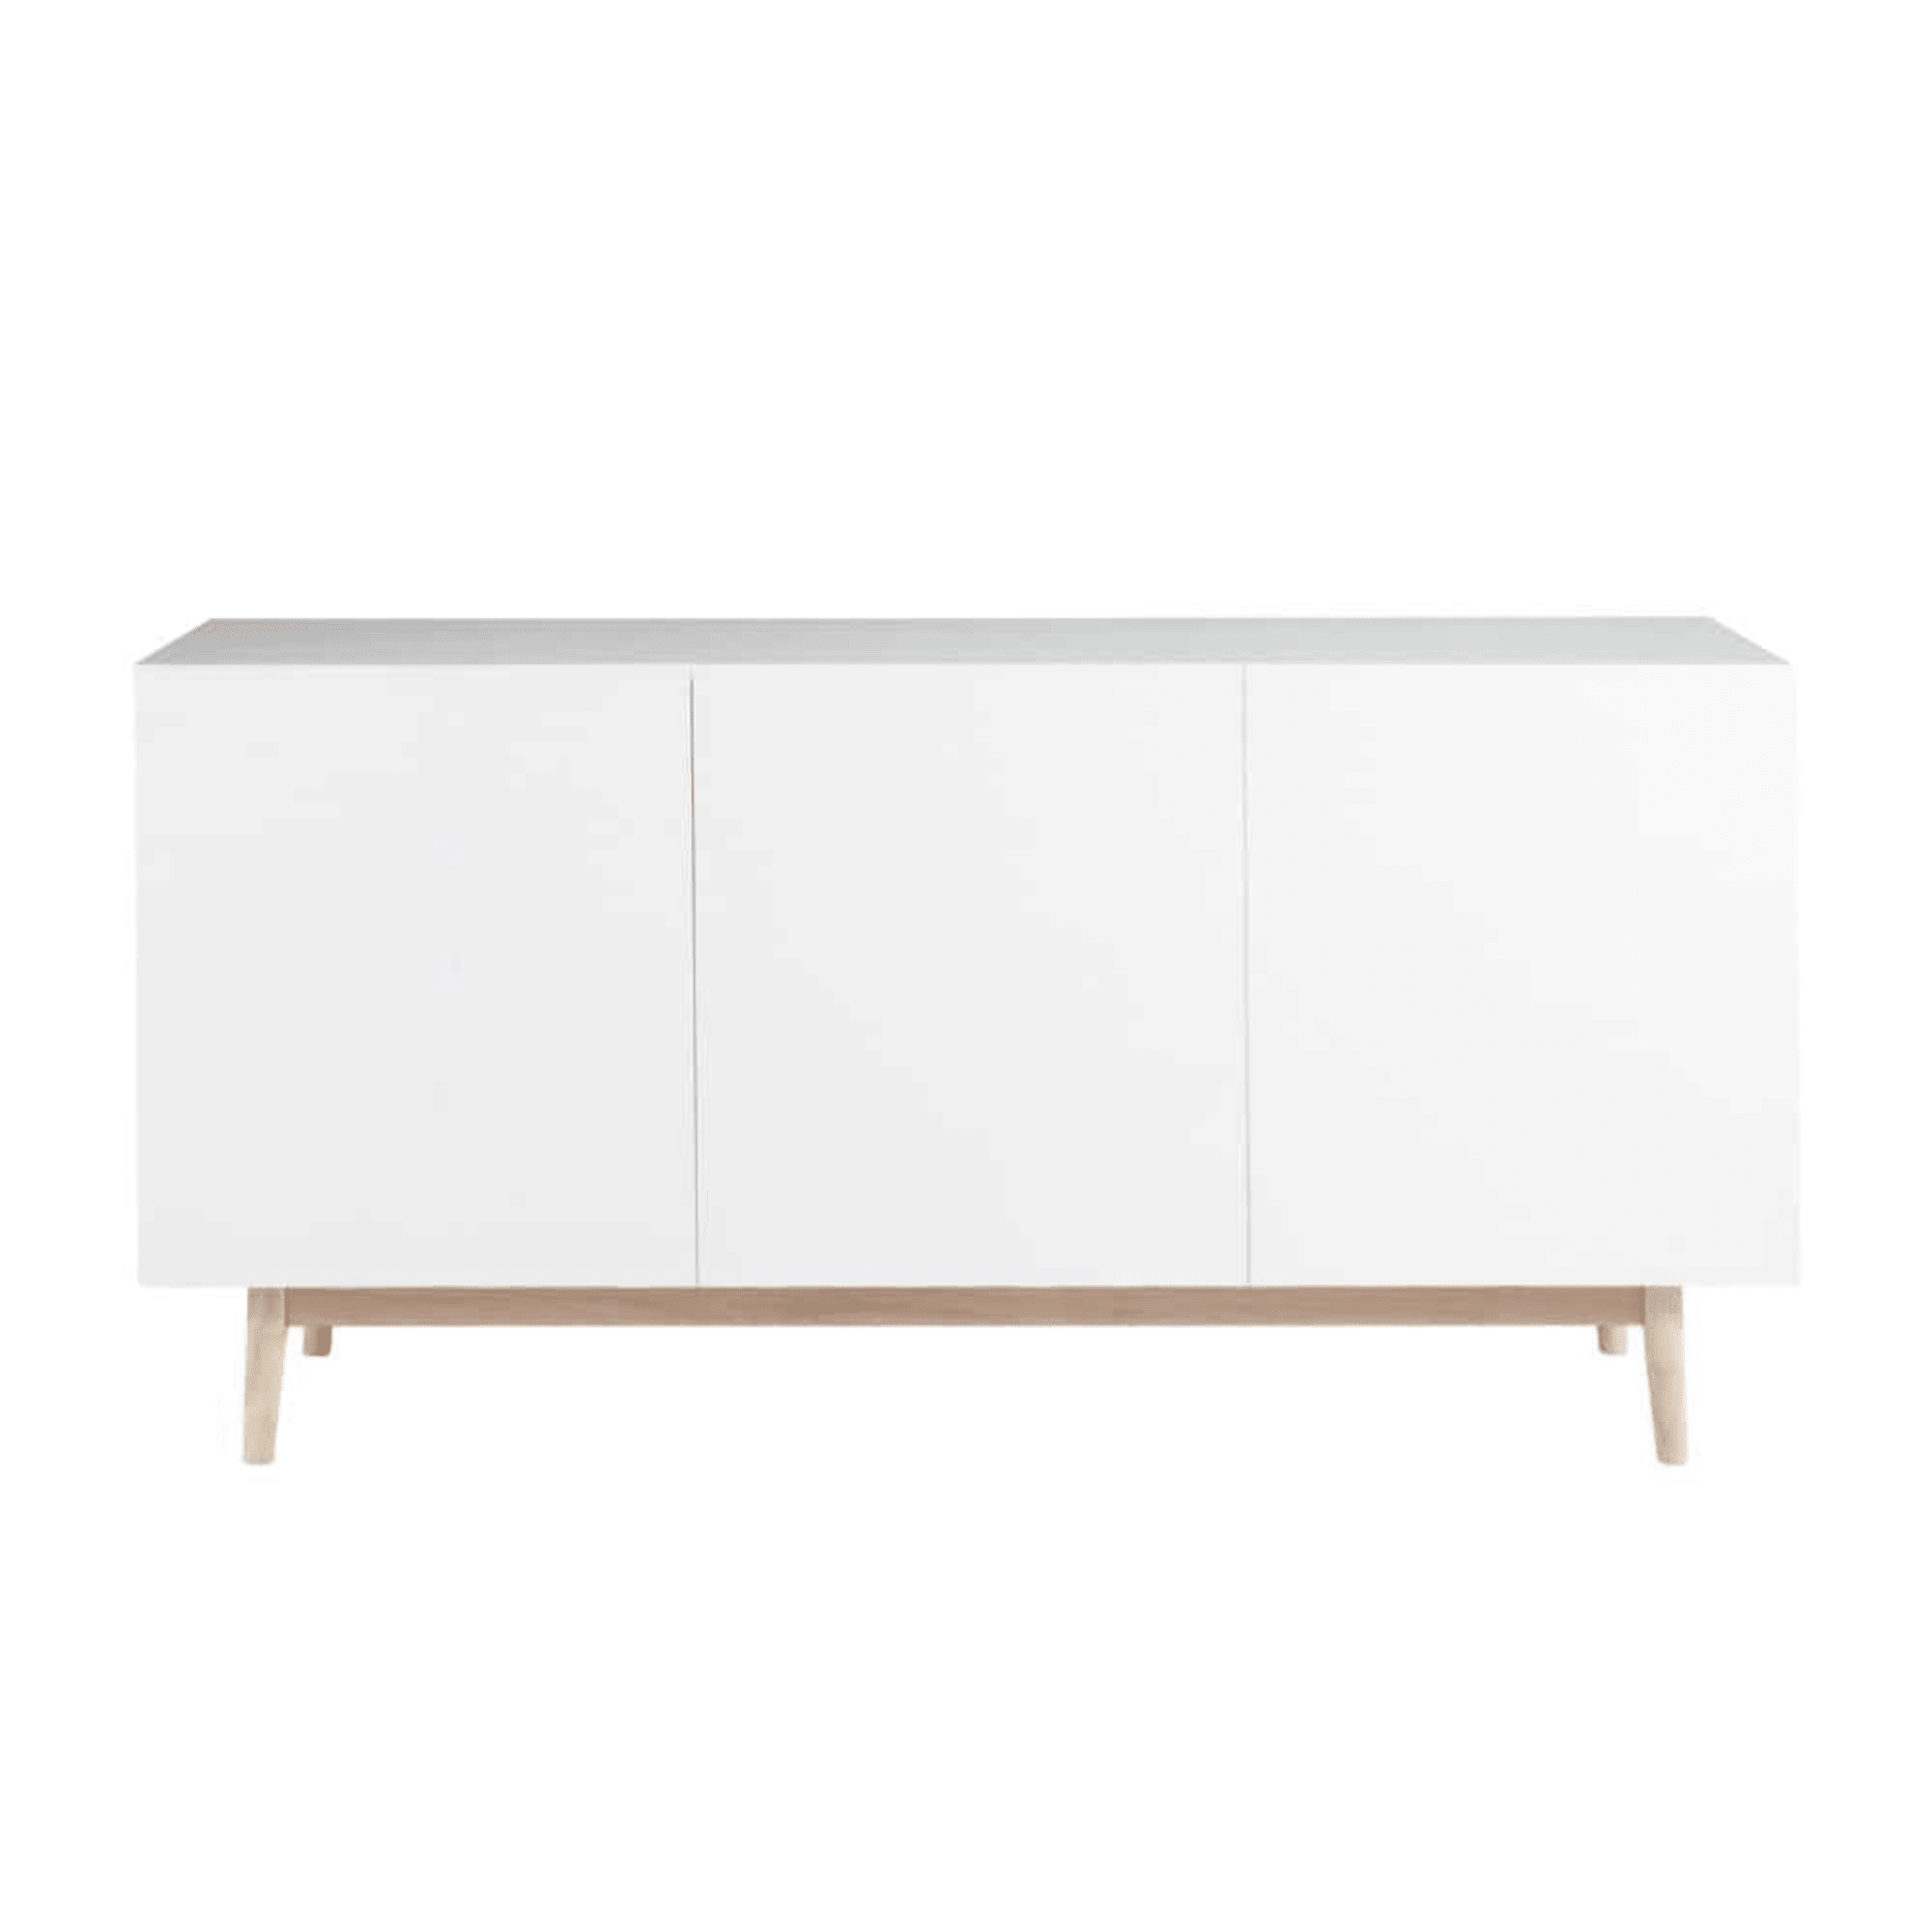 Aparador Vintage Blanco Maisons Du Monde In 2020 Anrichte Side Board Anrichte Weiss